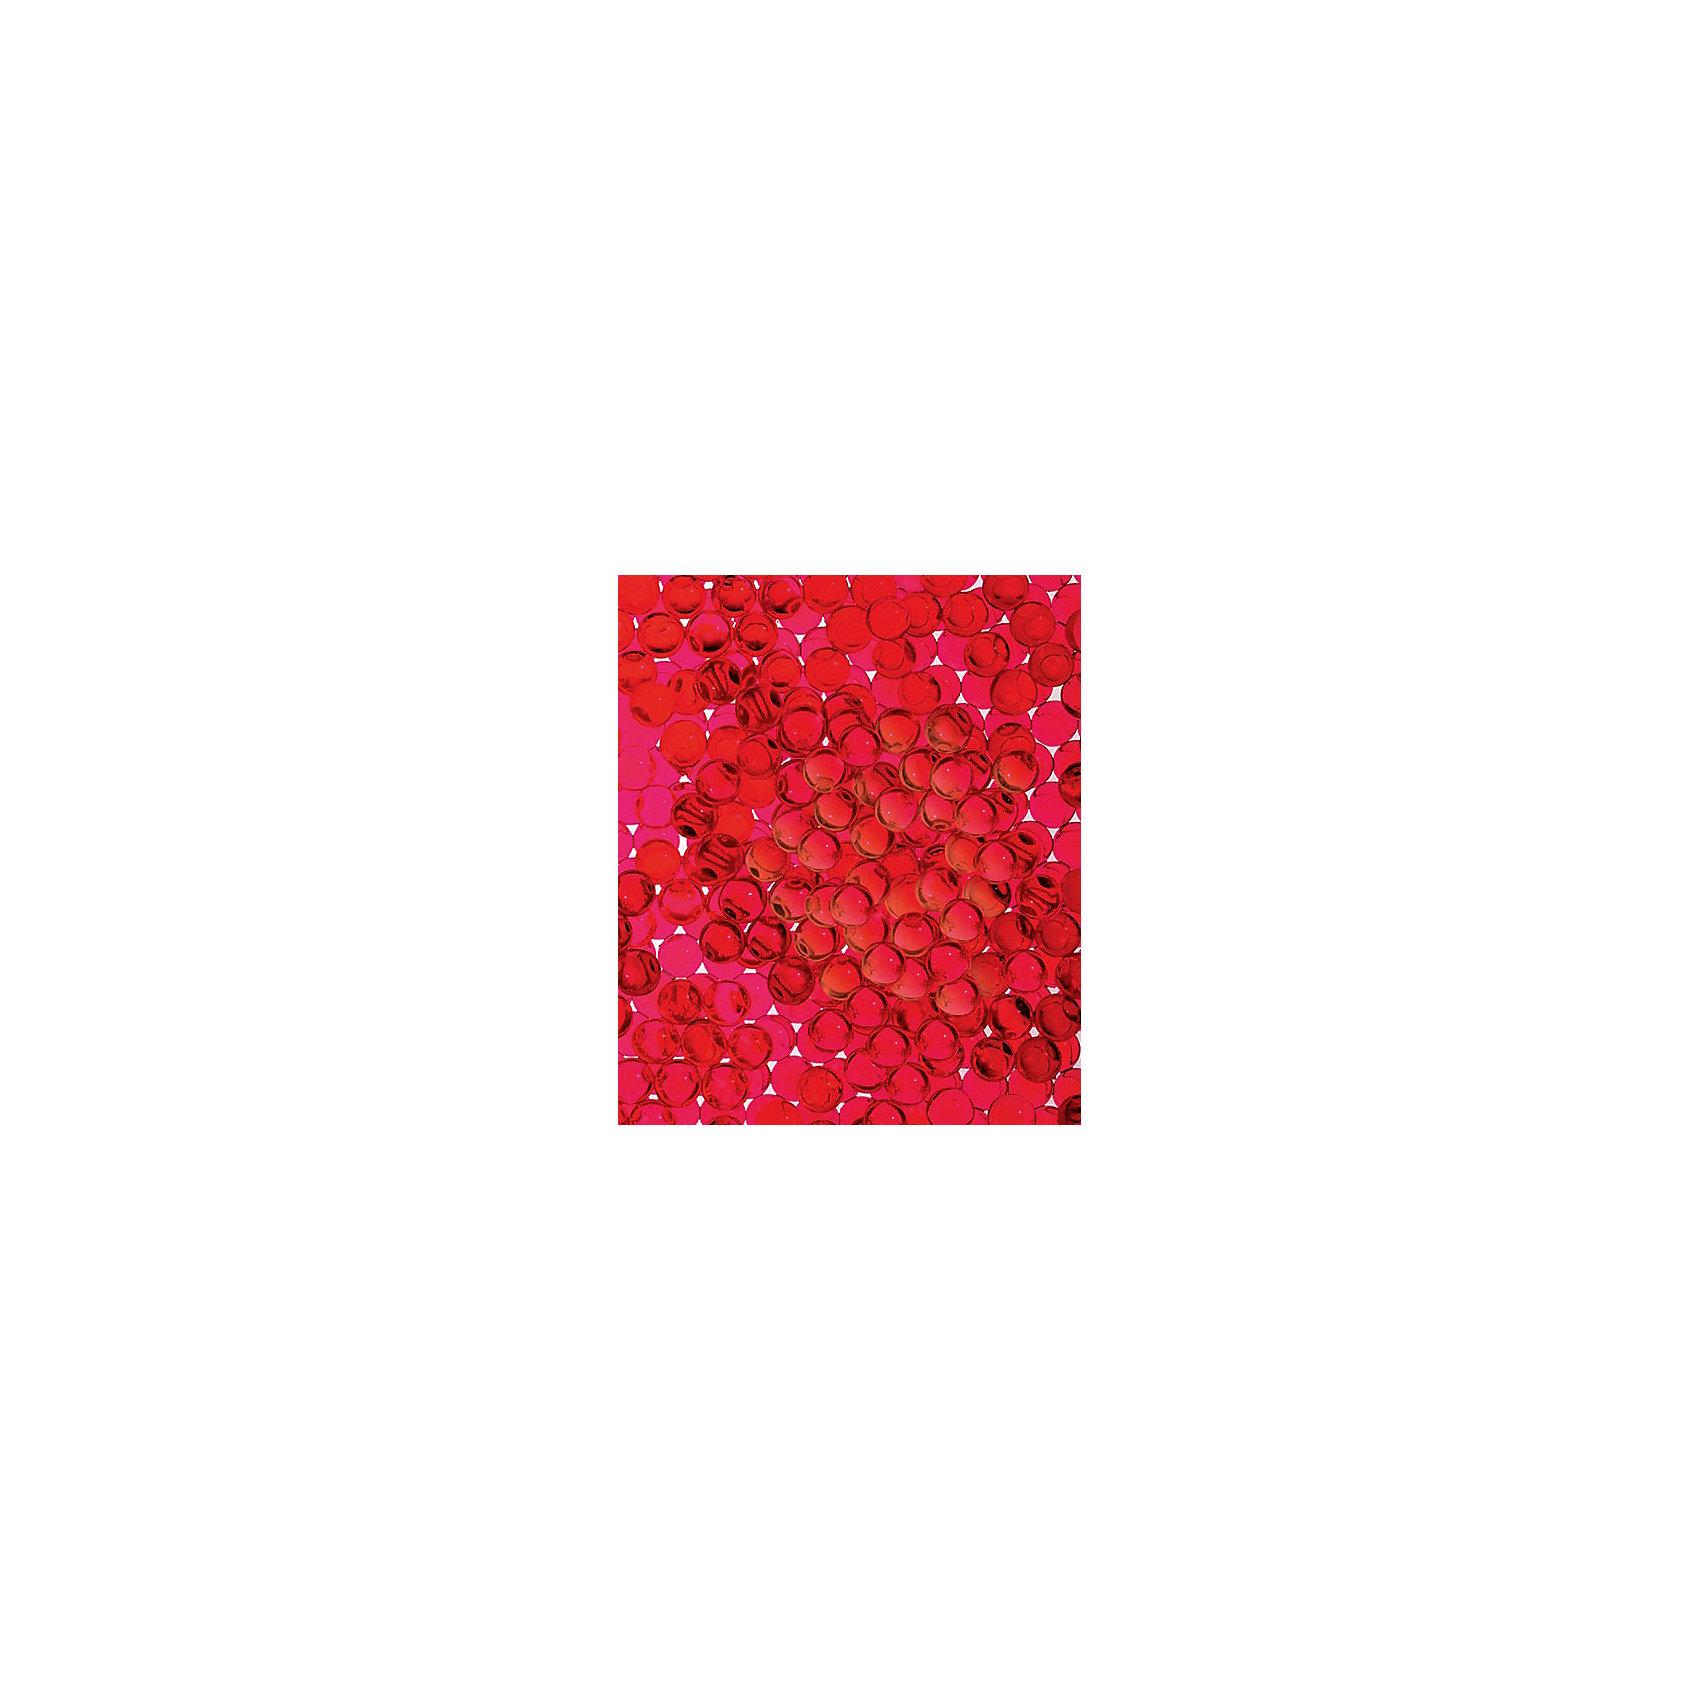 Готовые заряды красного цвета, 250 шт., VAPORГотовые заряды красного цвета  для бластеров VAPOR  - это небольшие гелевые шарики, состоящие из воды и полимера. При попадании  в какую-либо поверхность заряды отскакивают от нее или же рассыпаются на частички, не повреждая и не пачкая ее.<br><br>Дополнительная информация:<br><br>- Материал: полимер, вода. <br>- Цвет: красный.<br>- Количество в упаковке: 250 шт. <br>- Размер одного заряда: 1х1 см. <br><br>Готовые заряды красного цвета, 250 шт., VAPOR можно купить в нашем магазине.<br><br>Ширина мм: 140<br>Глубина мм: 38<br>Высота мм: 98<br>Вес г: 280<br>Возраст от месяцев: 96<br>Возраст до месяцев: 168<br>Пол: Мужской<br>Возраст: Детский<br>SKU: 4046587